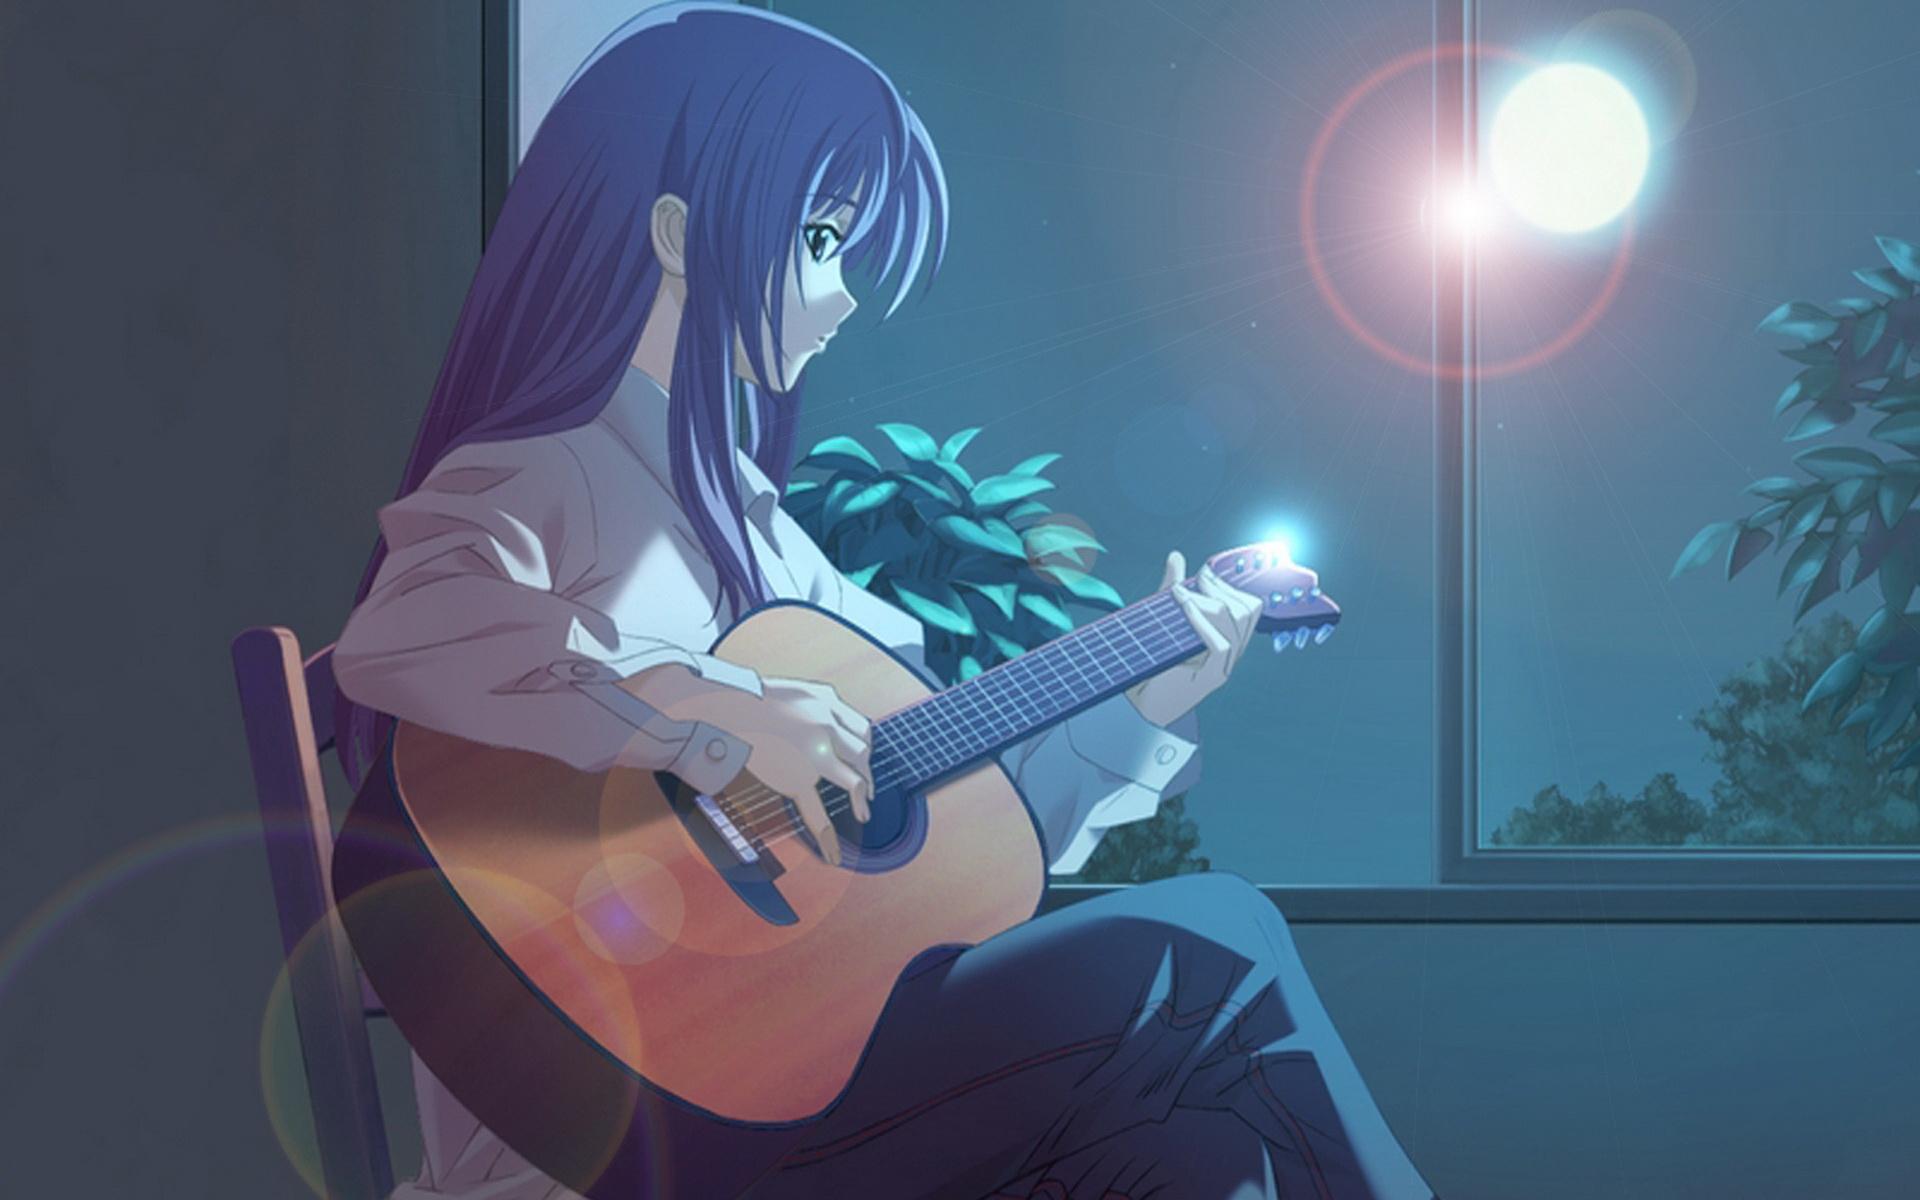 轻音少女可爱动漫吉他美女卡通女生图片桌面壁纸高清下载第二辑